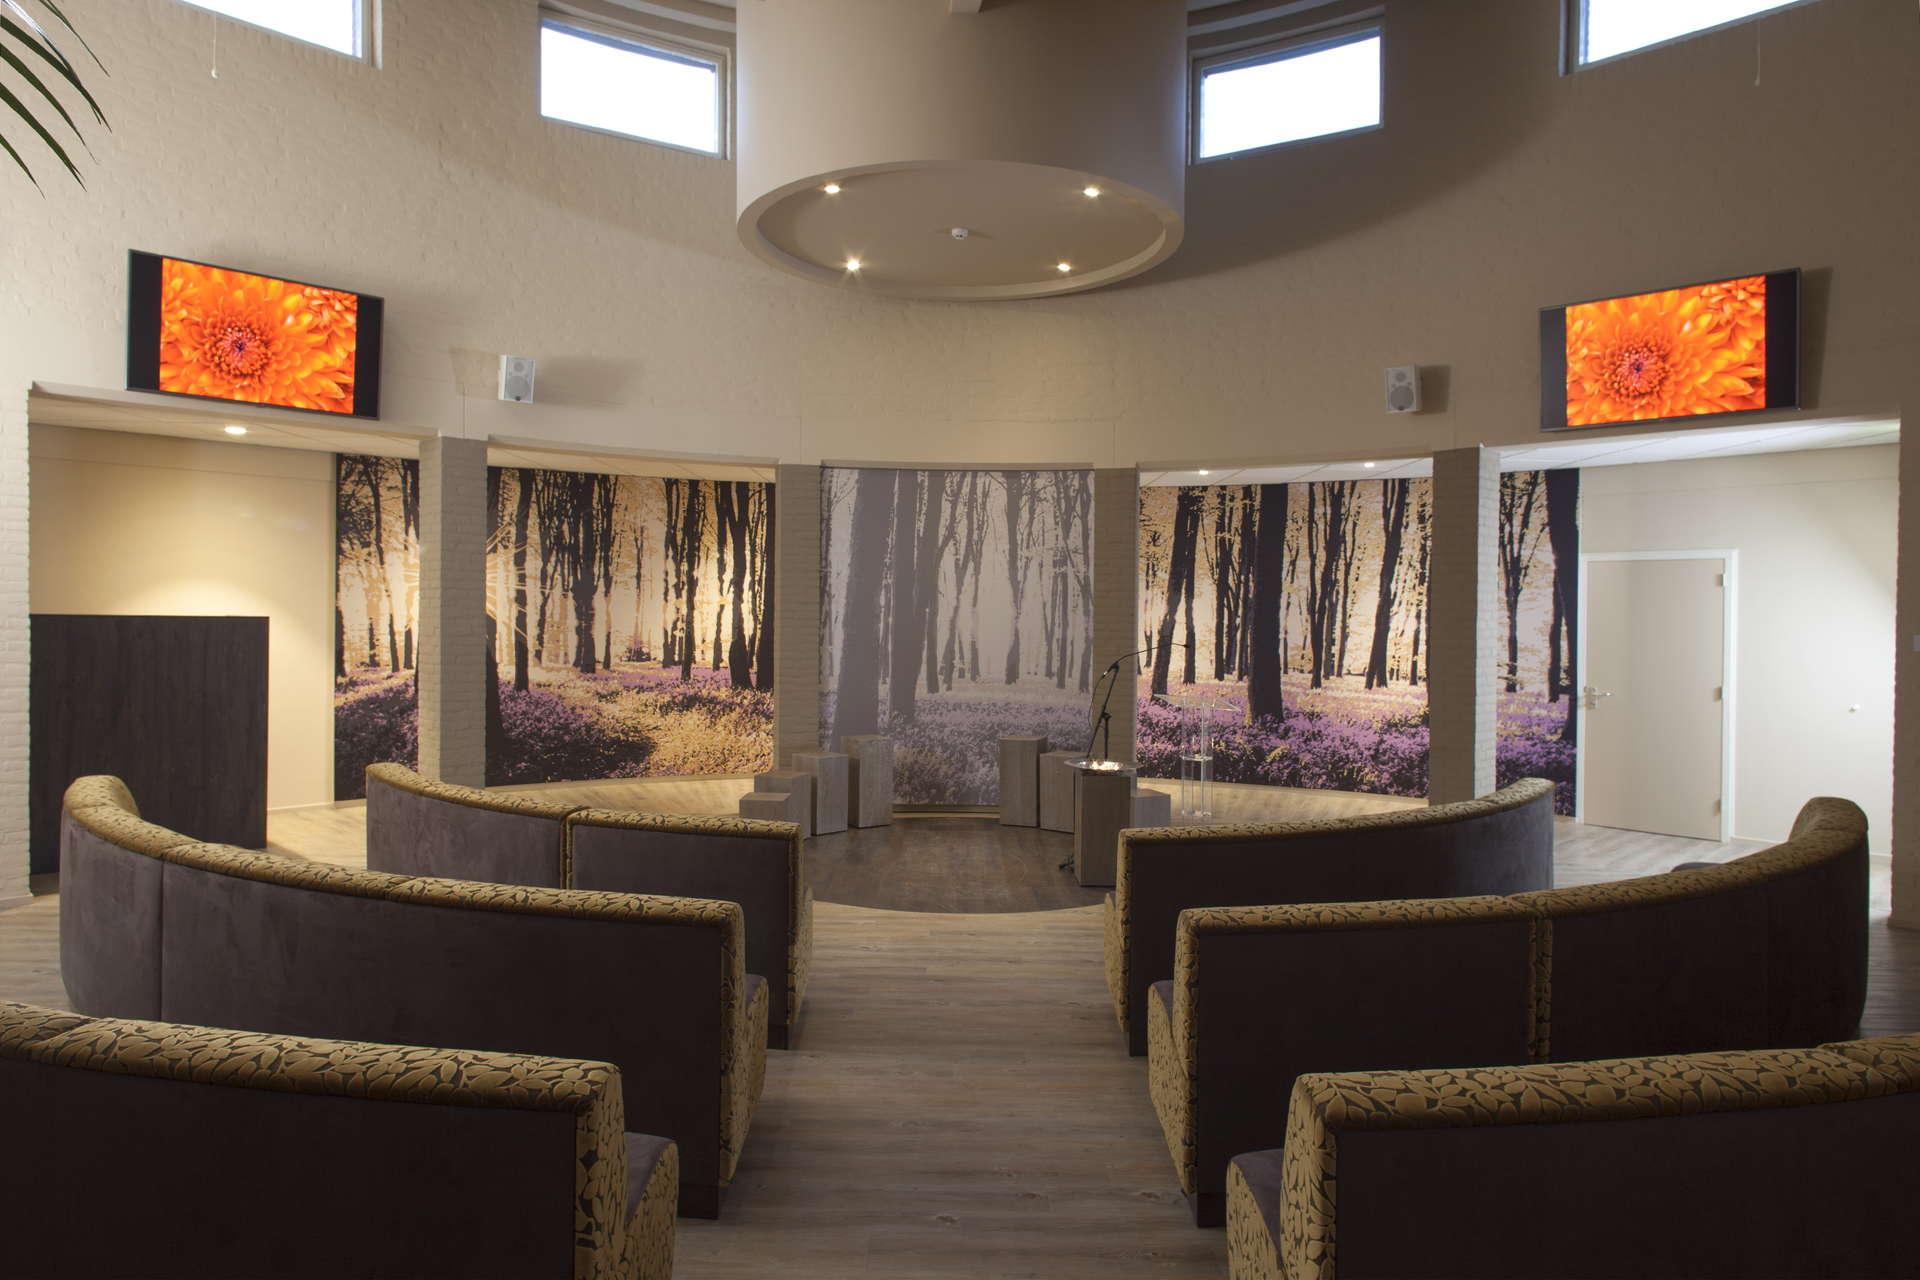 Kleine aula crematorium Beuningen